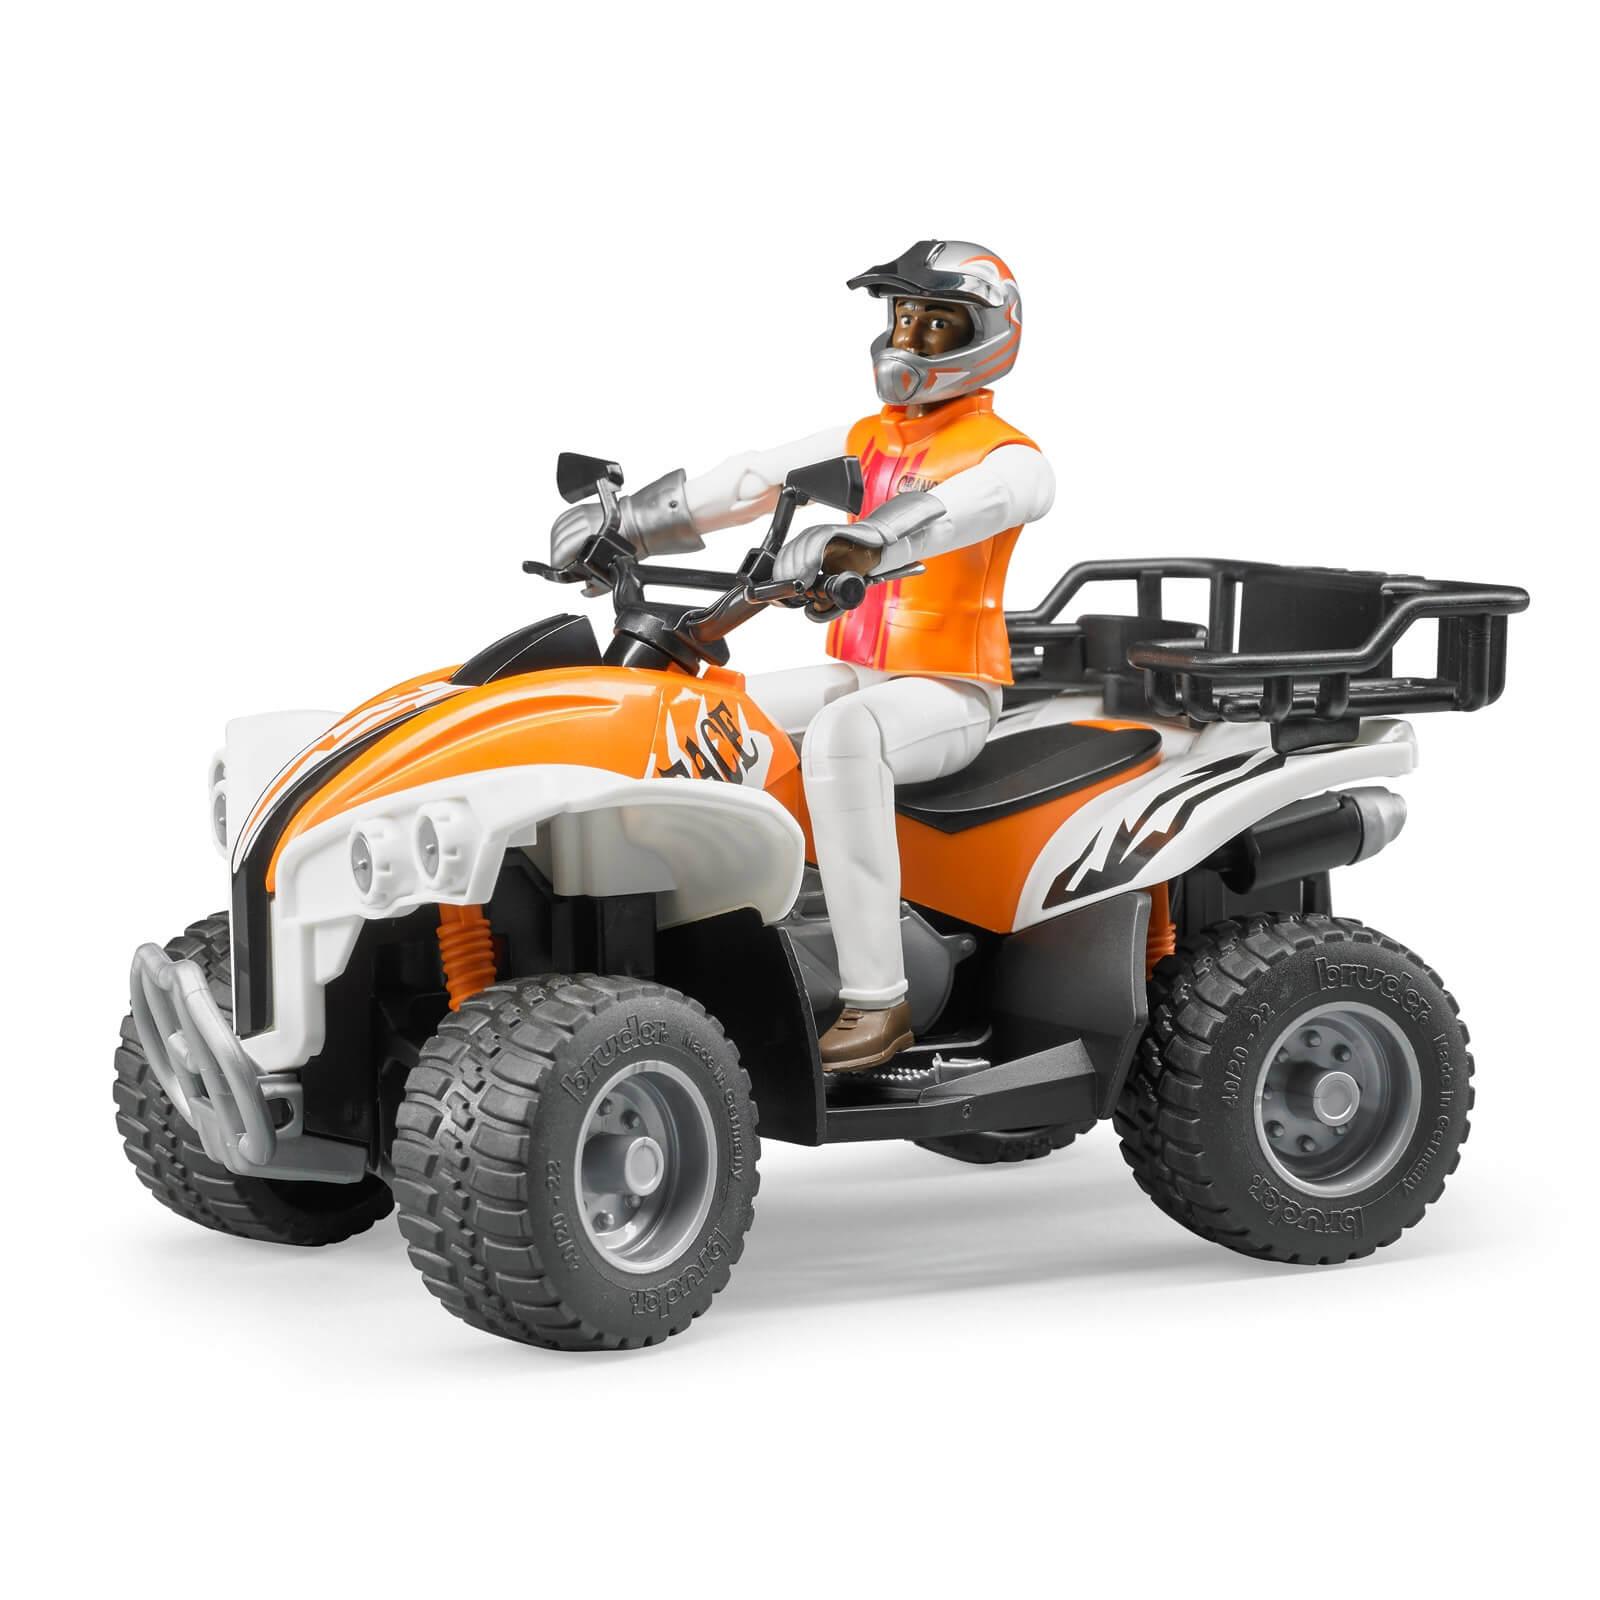 Bruder Quad mit Fahrer - Spielzeugmodell / Spielzeugauto 10343